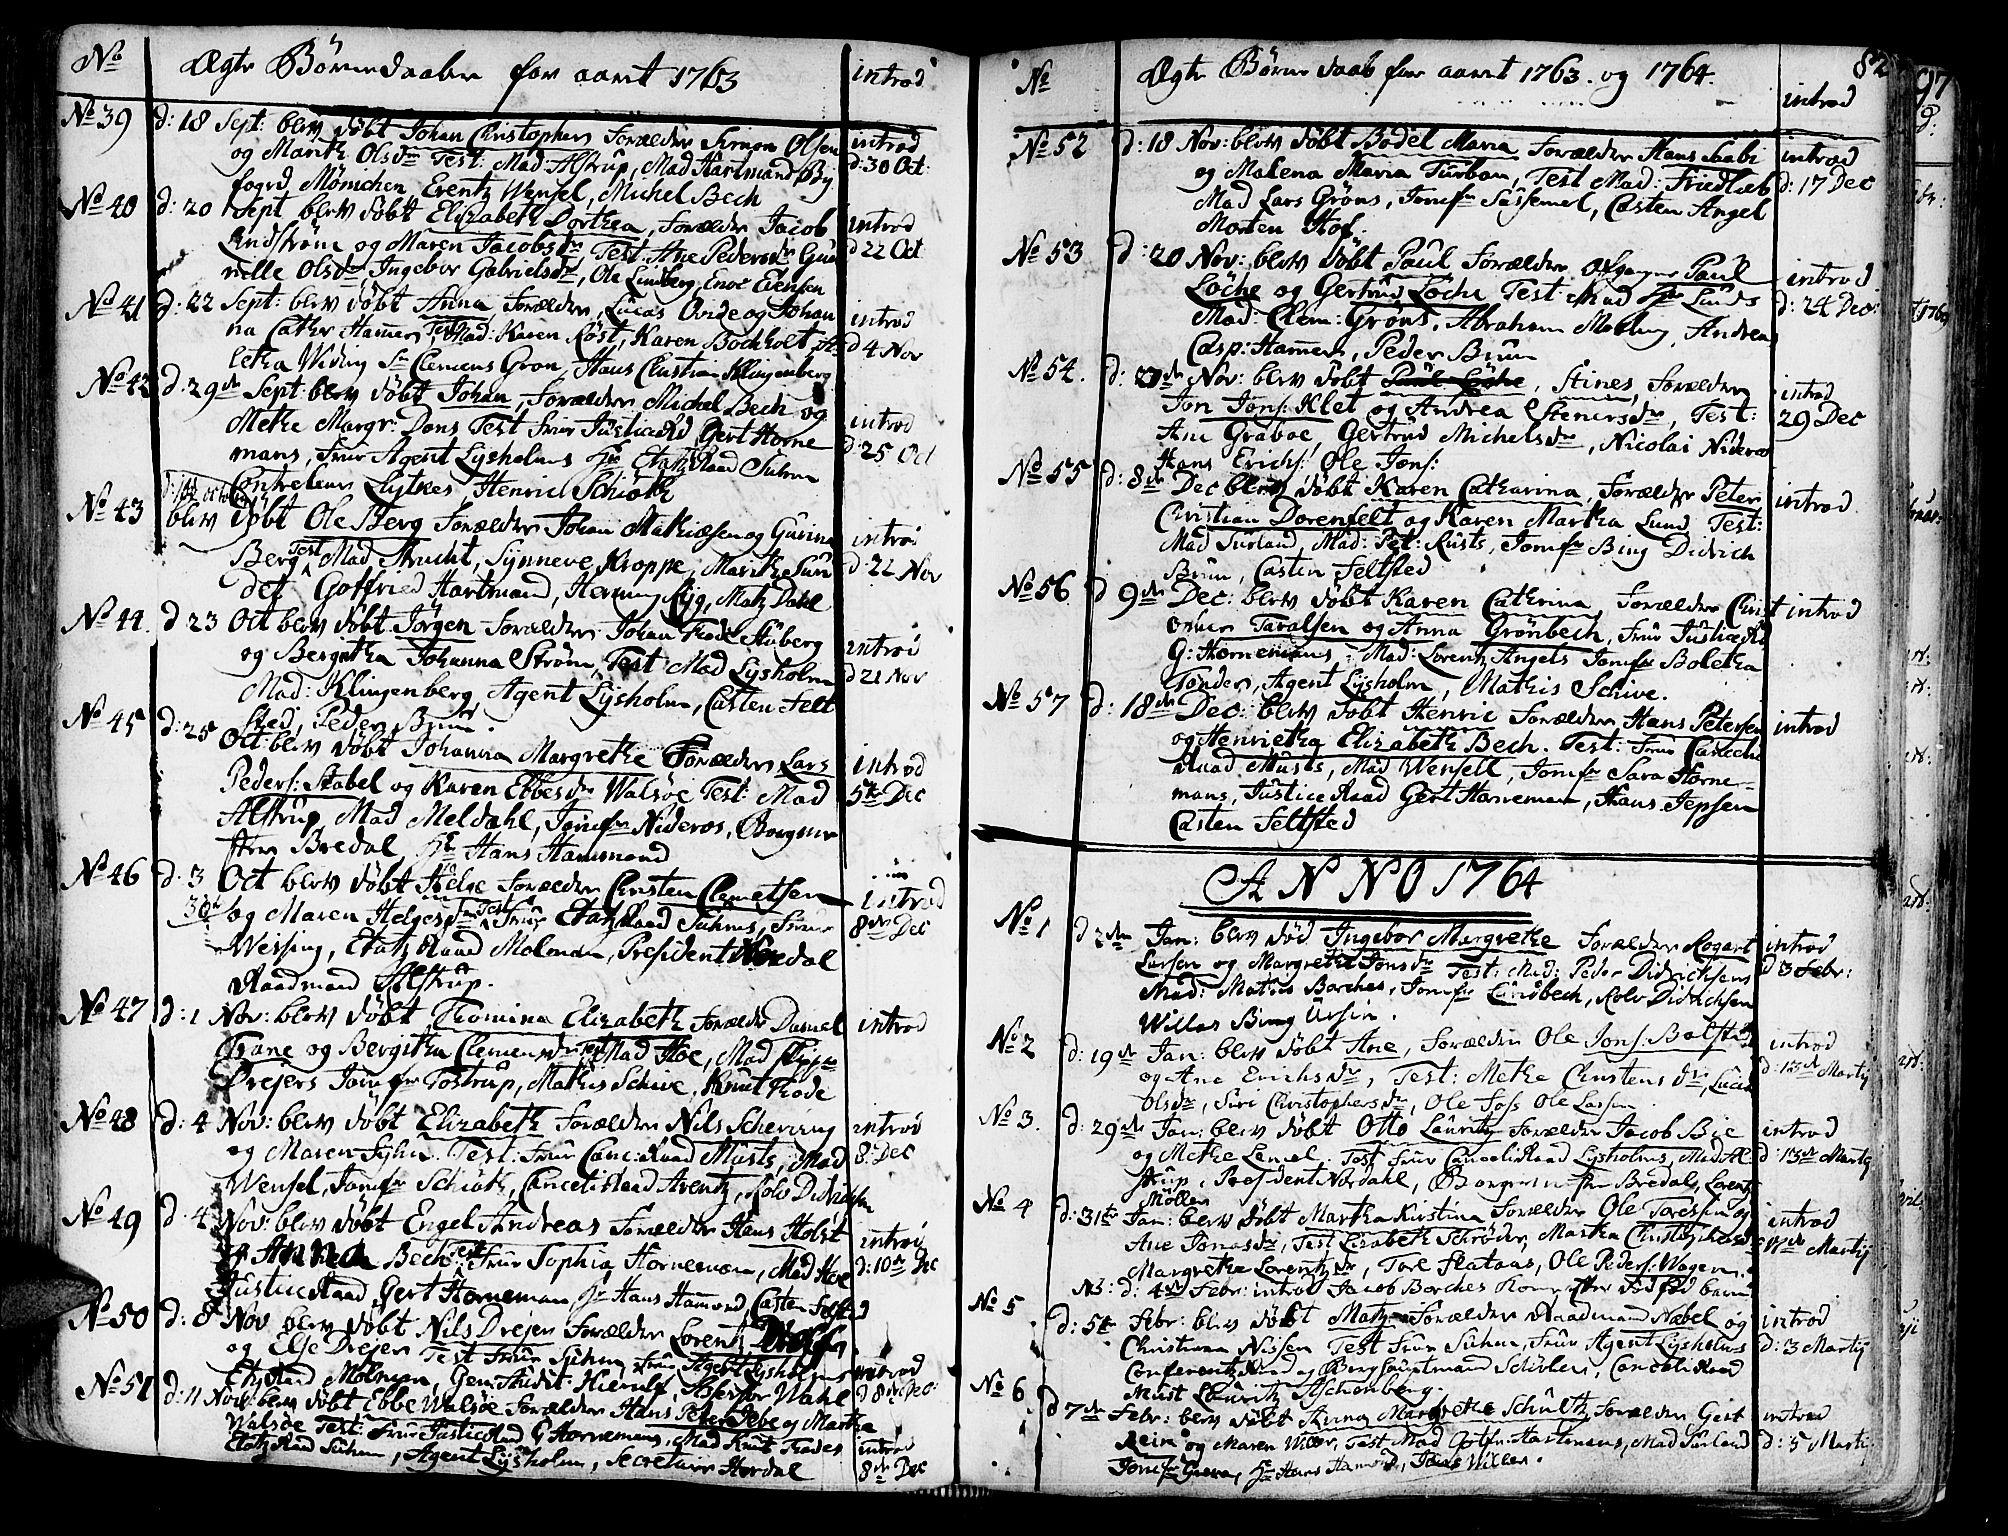 SAT, Ministerialprotokoller, klokkerbøker og fødselsregistre - Sør-Trøndelag, 602/L0103: Ministerialbok nr. 602A01, 1732-1774, s. 82